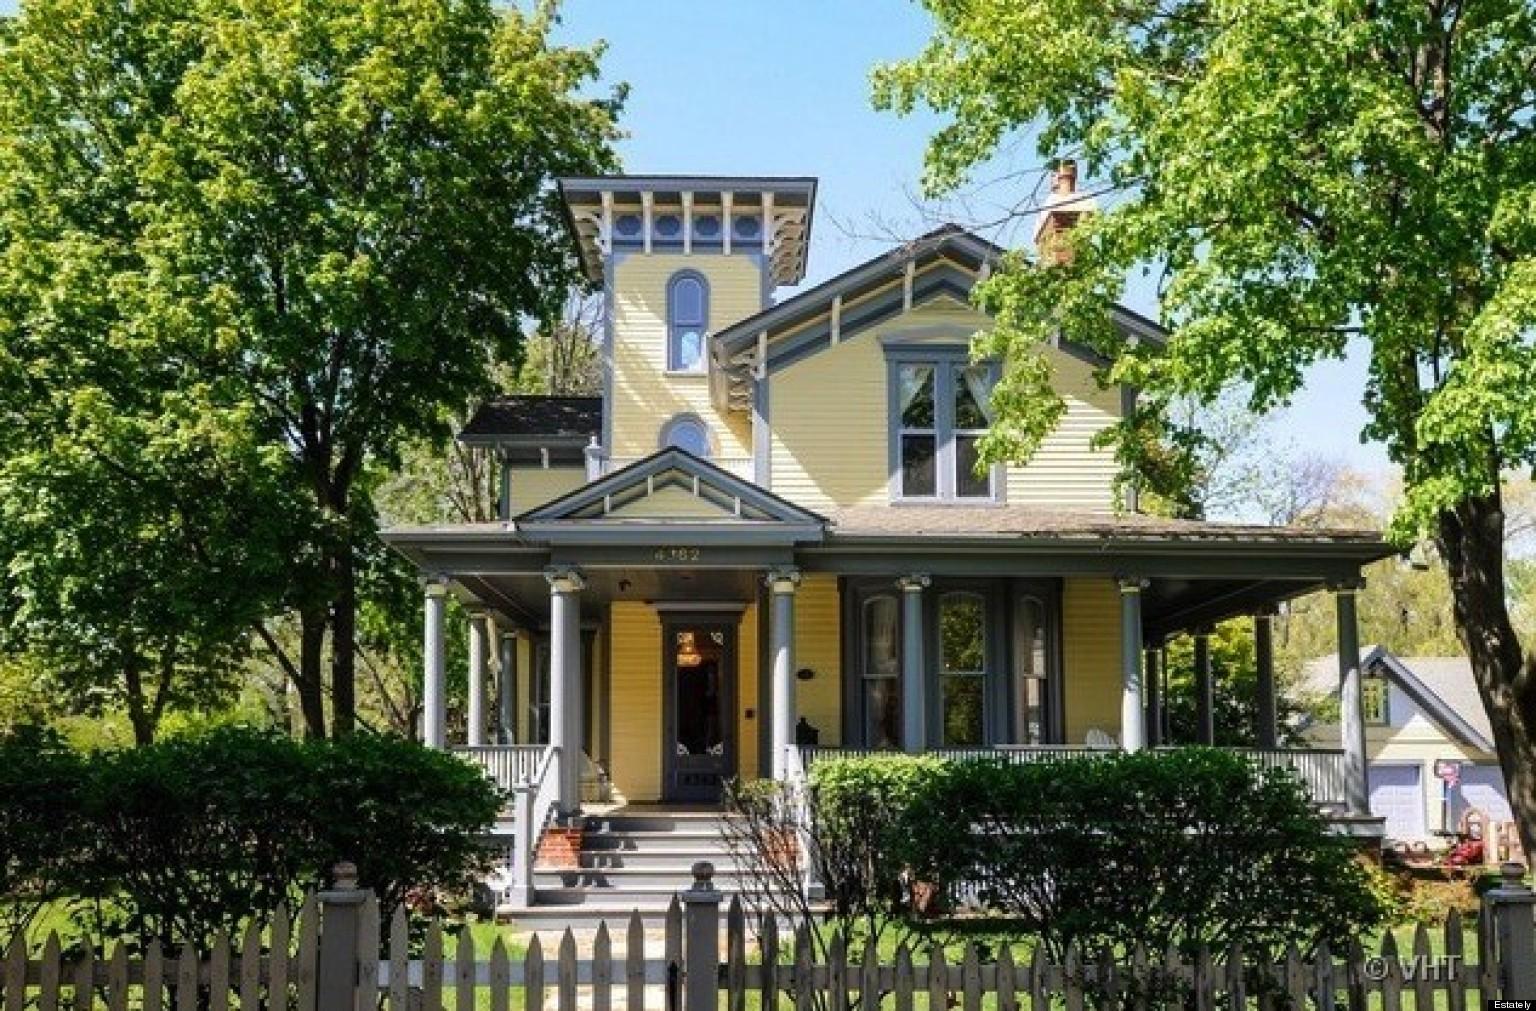 Irving Park 'Mansion' For Sale: Massive Historical Home ...